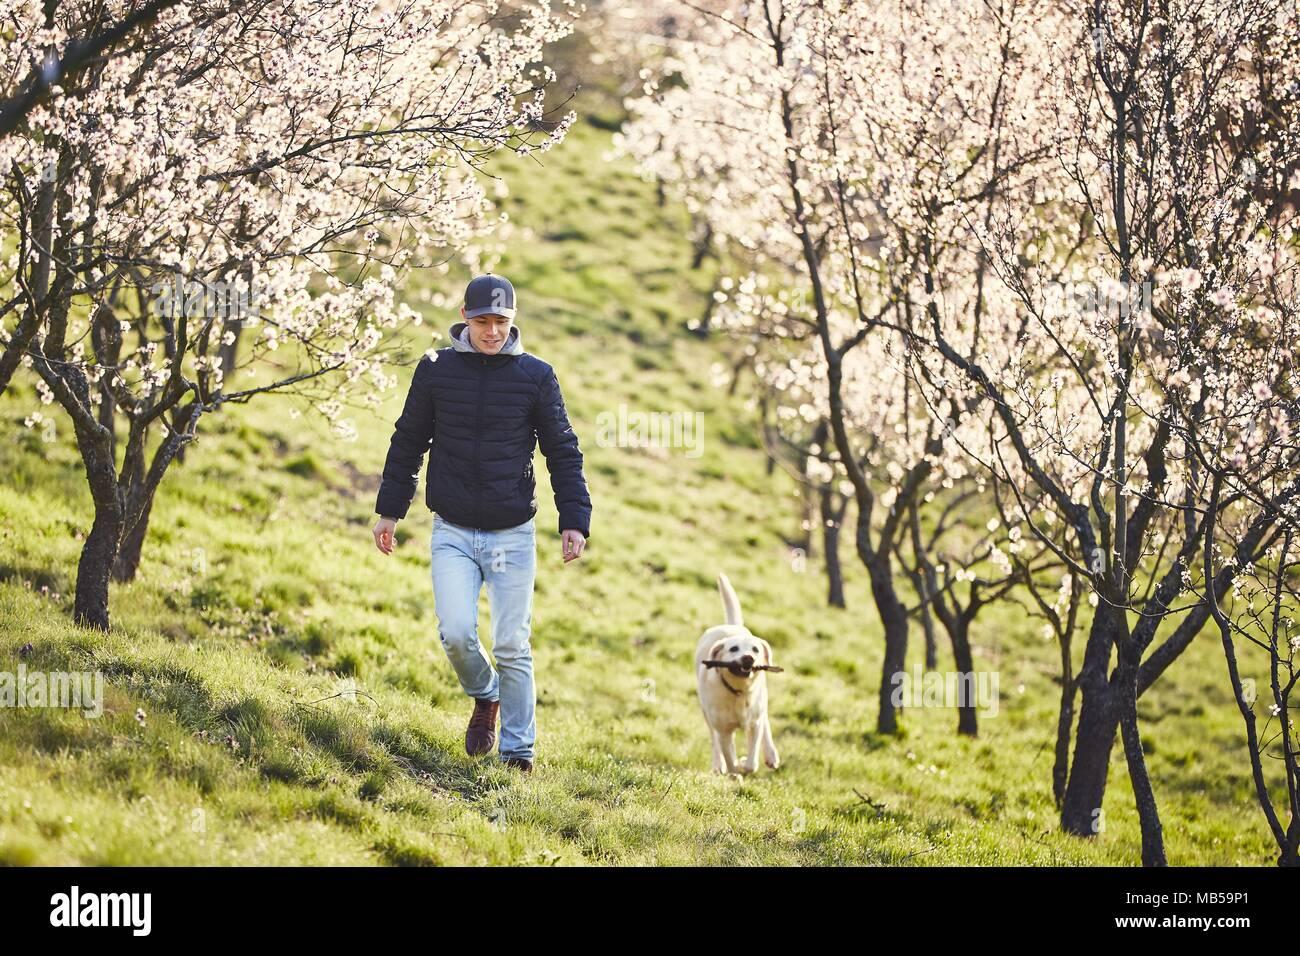 Morgen im Frühling Natur. Mann mit seinem Hund (Labrador Retriever) Wandern zwischen blühenden Bäumen. Stockbild